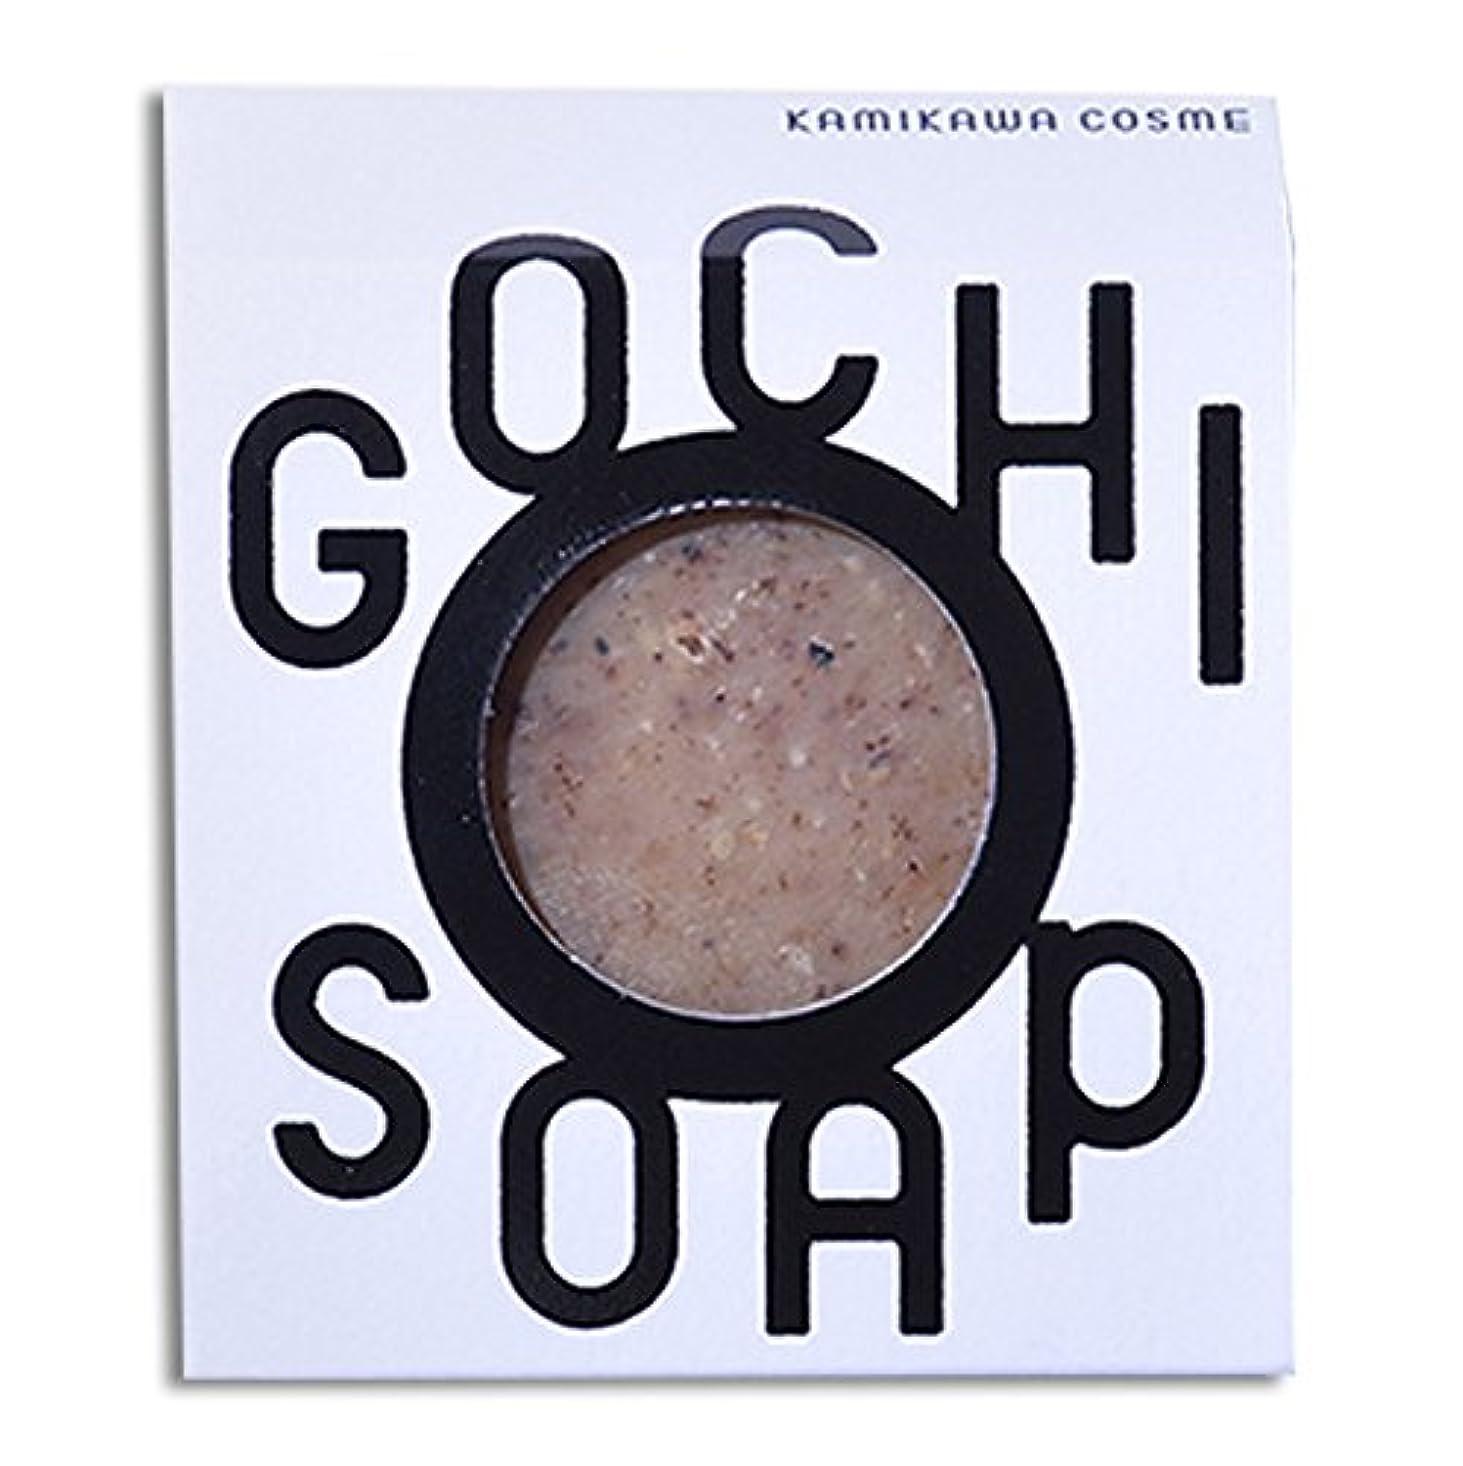 日付付きくデータ道北の素材を使用したコスメブランド GOCHI SOAP(上森米穀店の黒米ぬかソープ?谷口農場のトマトソープ)各1個セット